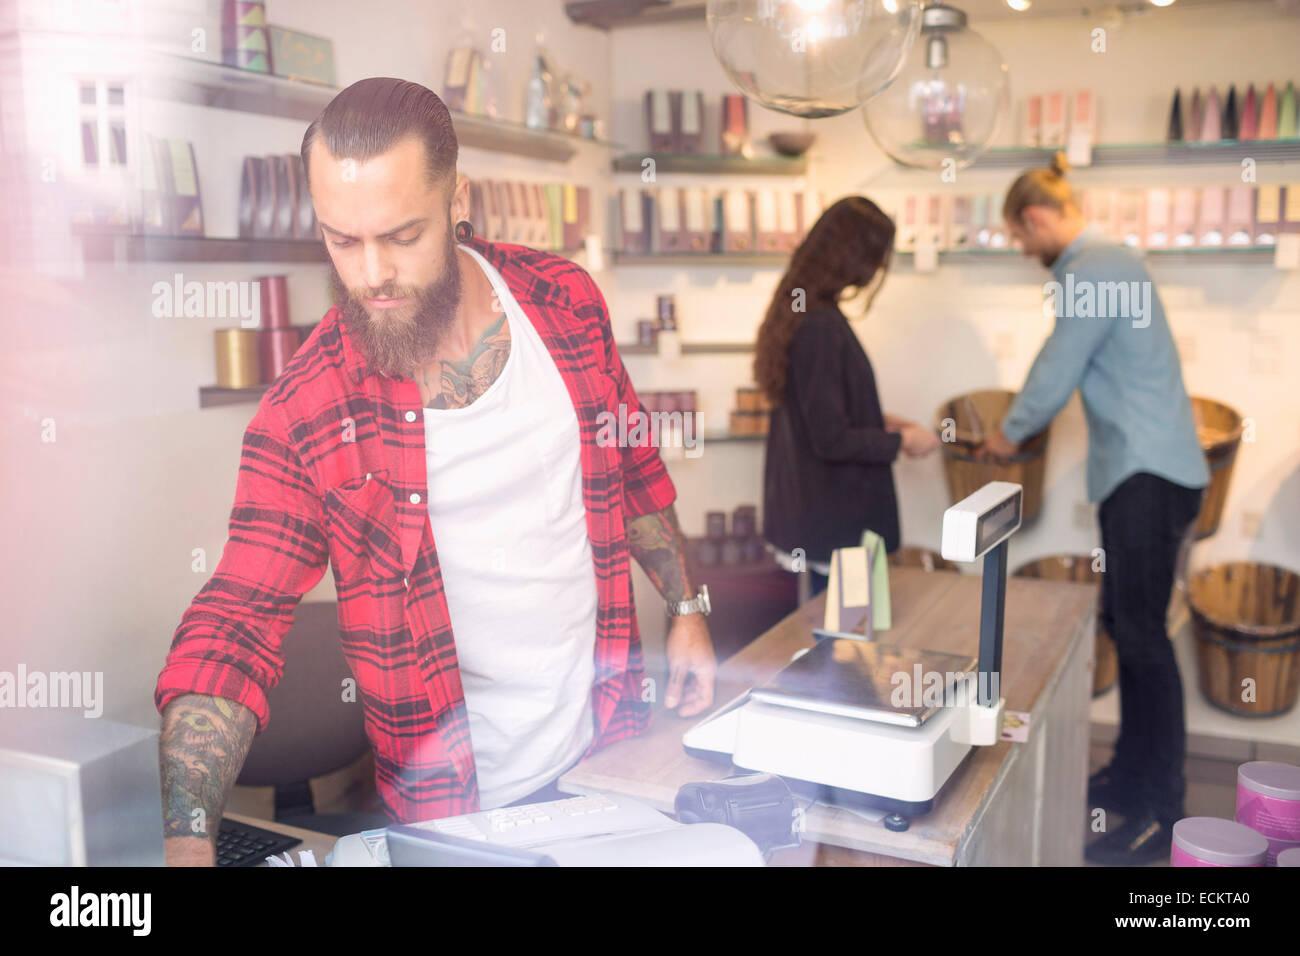 Propietario de pie en el mostrador de la caja, mientras que los clientes compras en segundo plano. Imagen De Stock